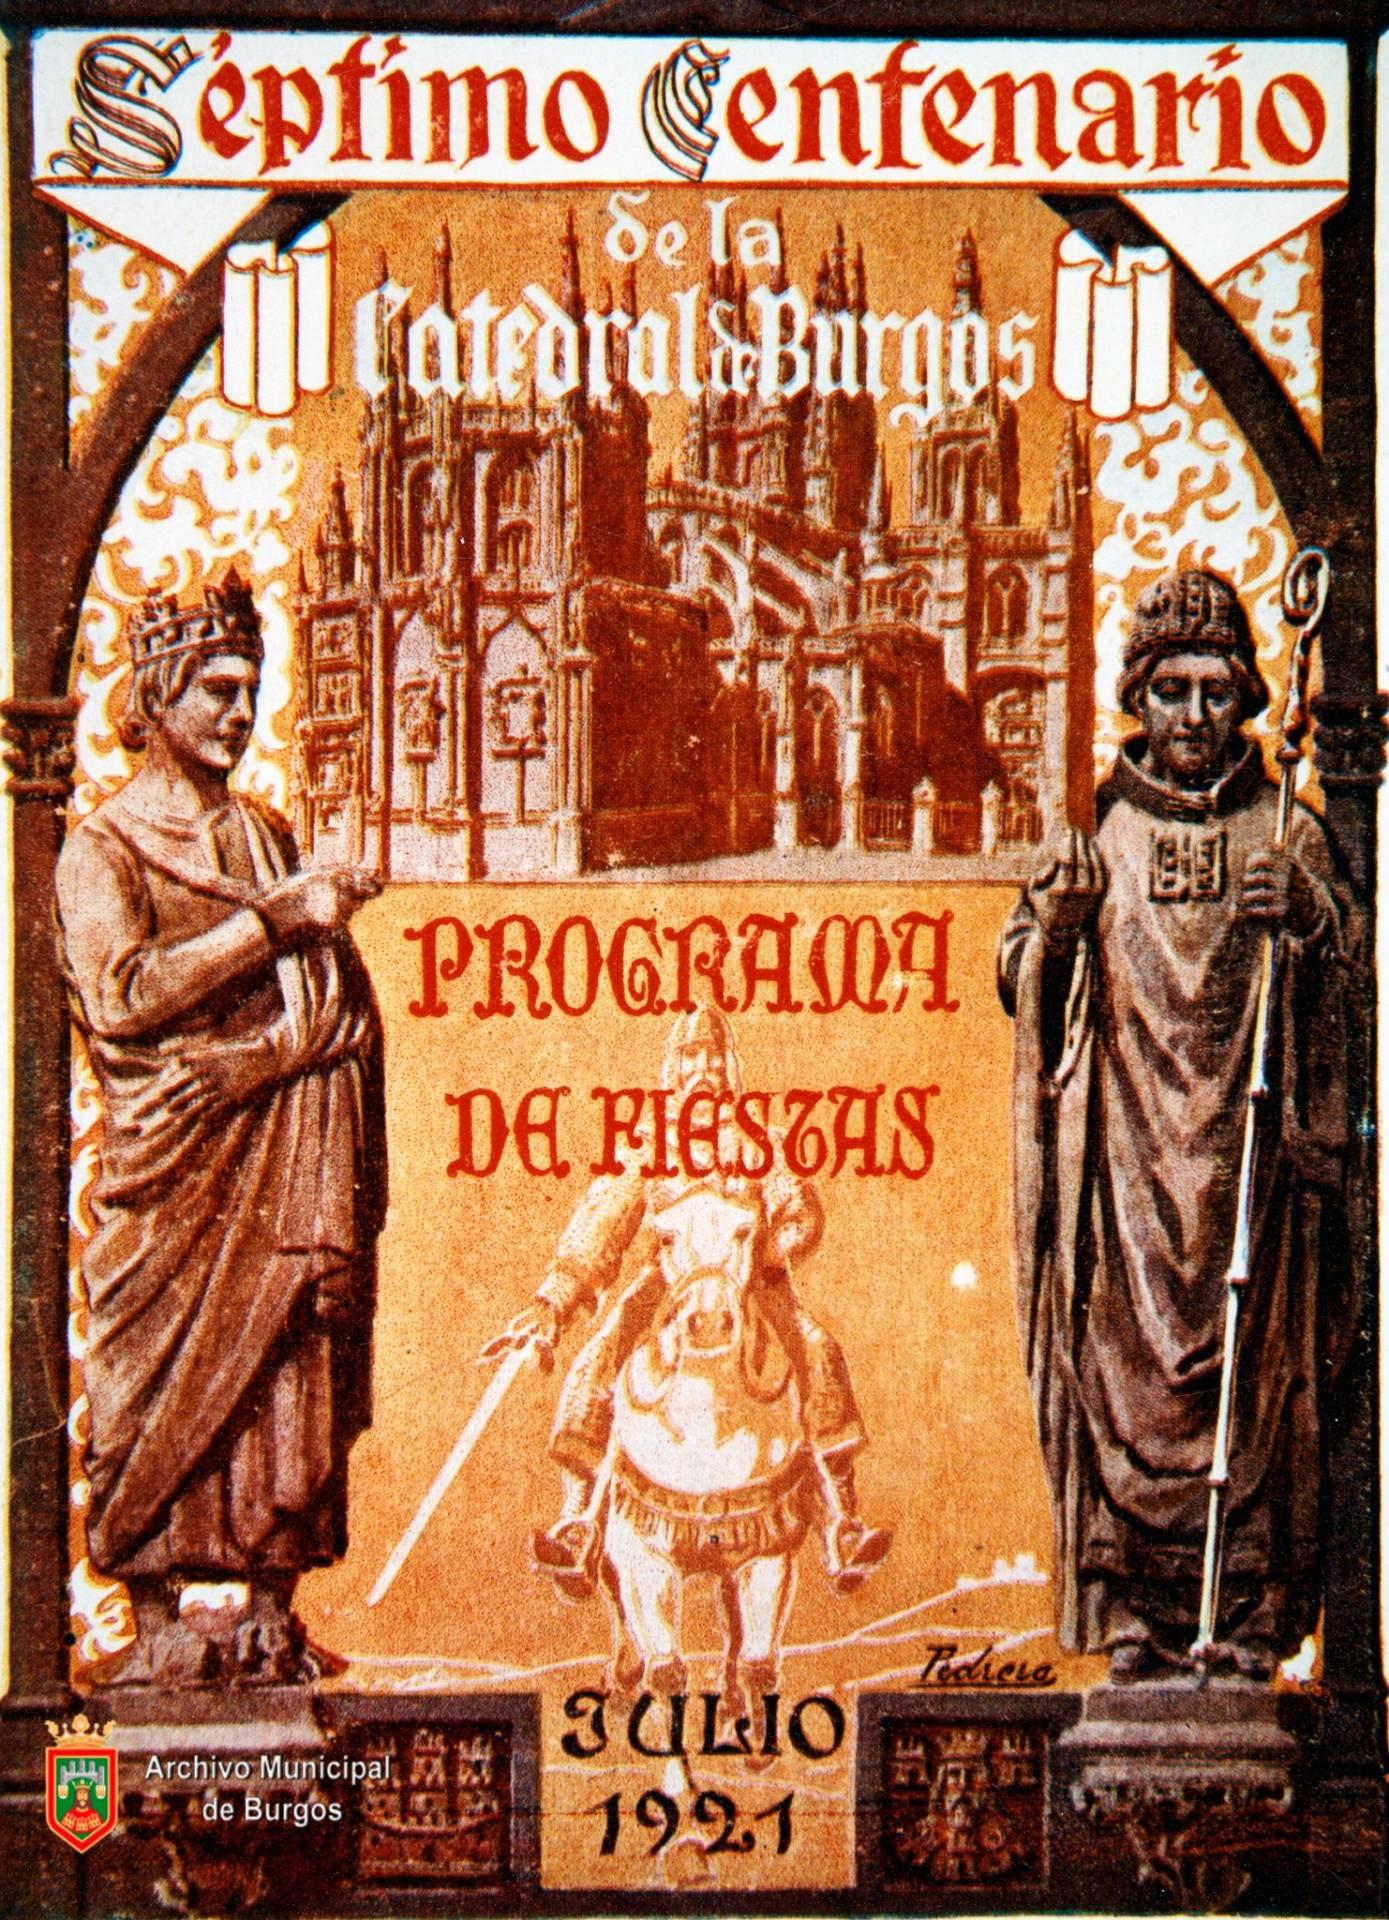 Cartel de los festejos del séptimo centenario. Archivo Municipal de Burgos.